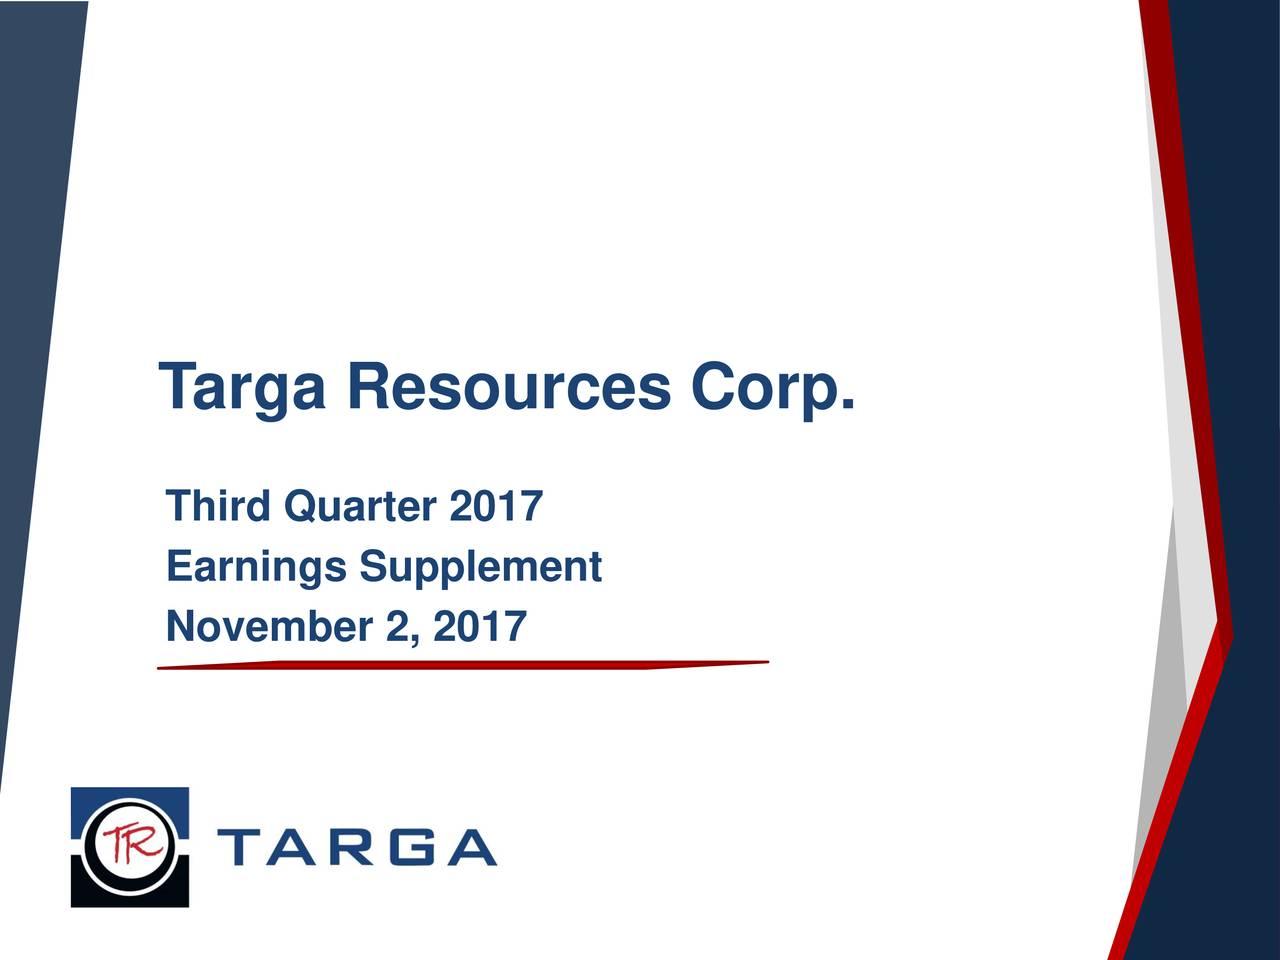 Third Quarter 2017 Earnings Supplement November 2, 2017